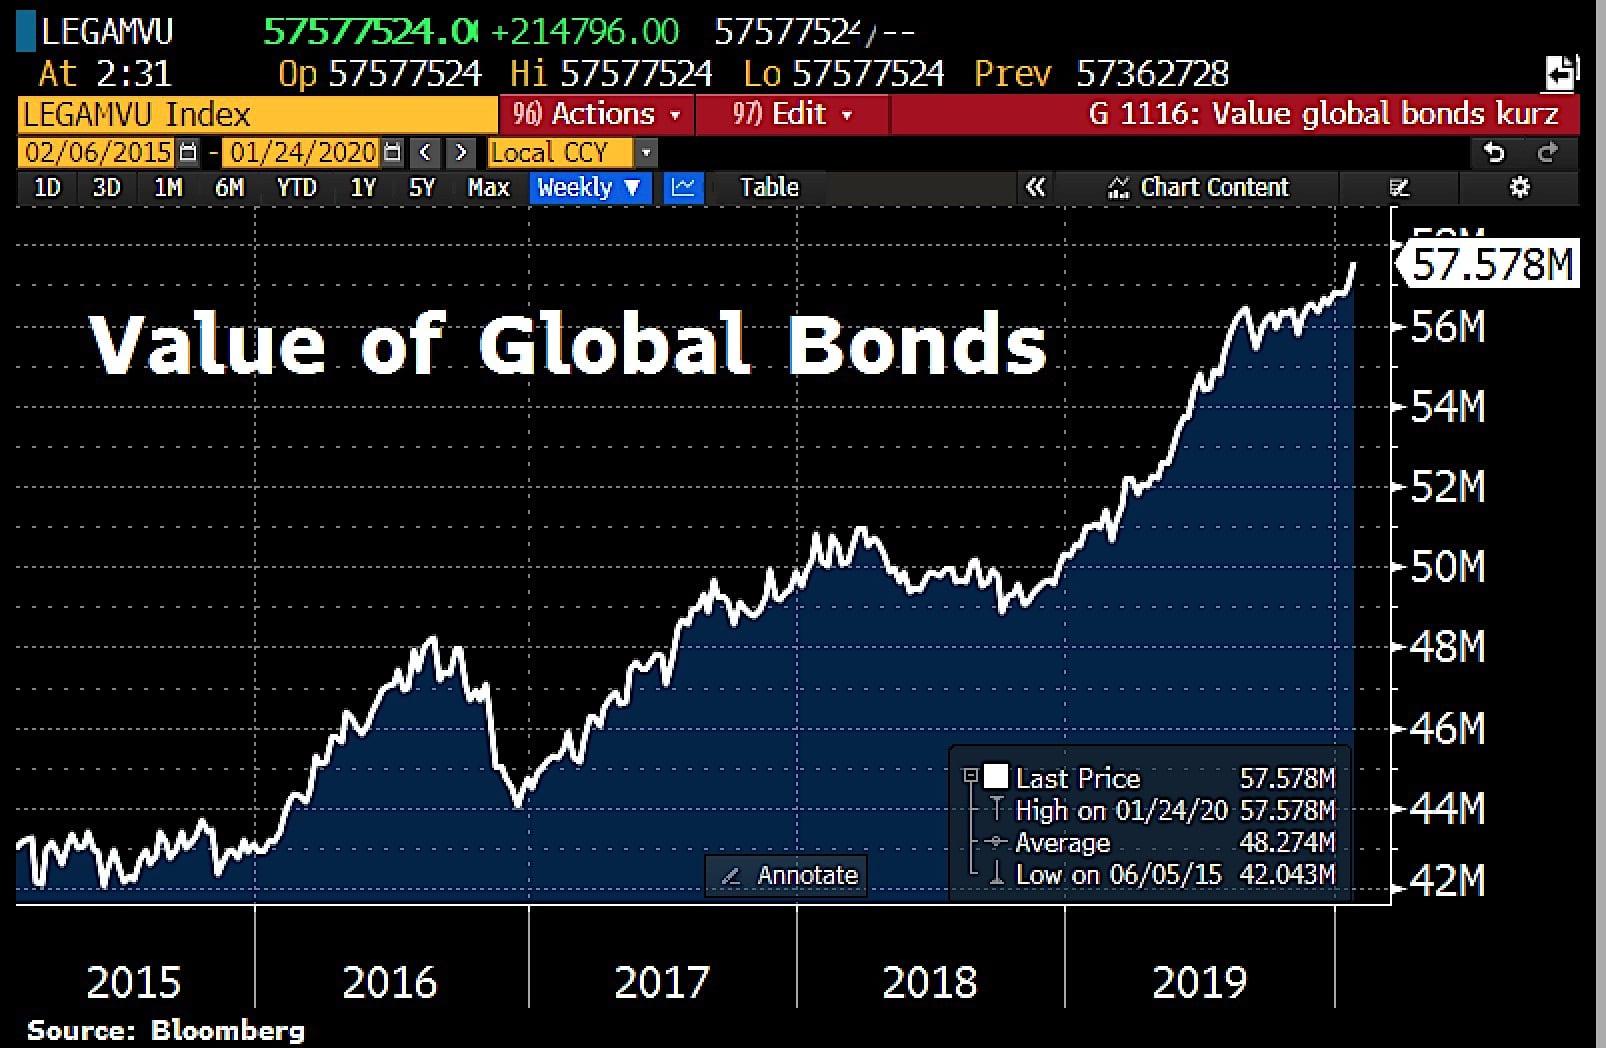 Folie monétaire monstrueuse ! La plus grosse bulle obligataire de tous les temps vient d'atteindre un nouveau sommet historique à 57 578 milliards $ !!